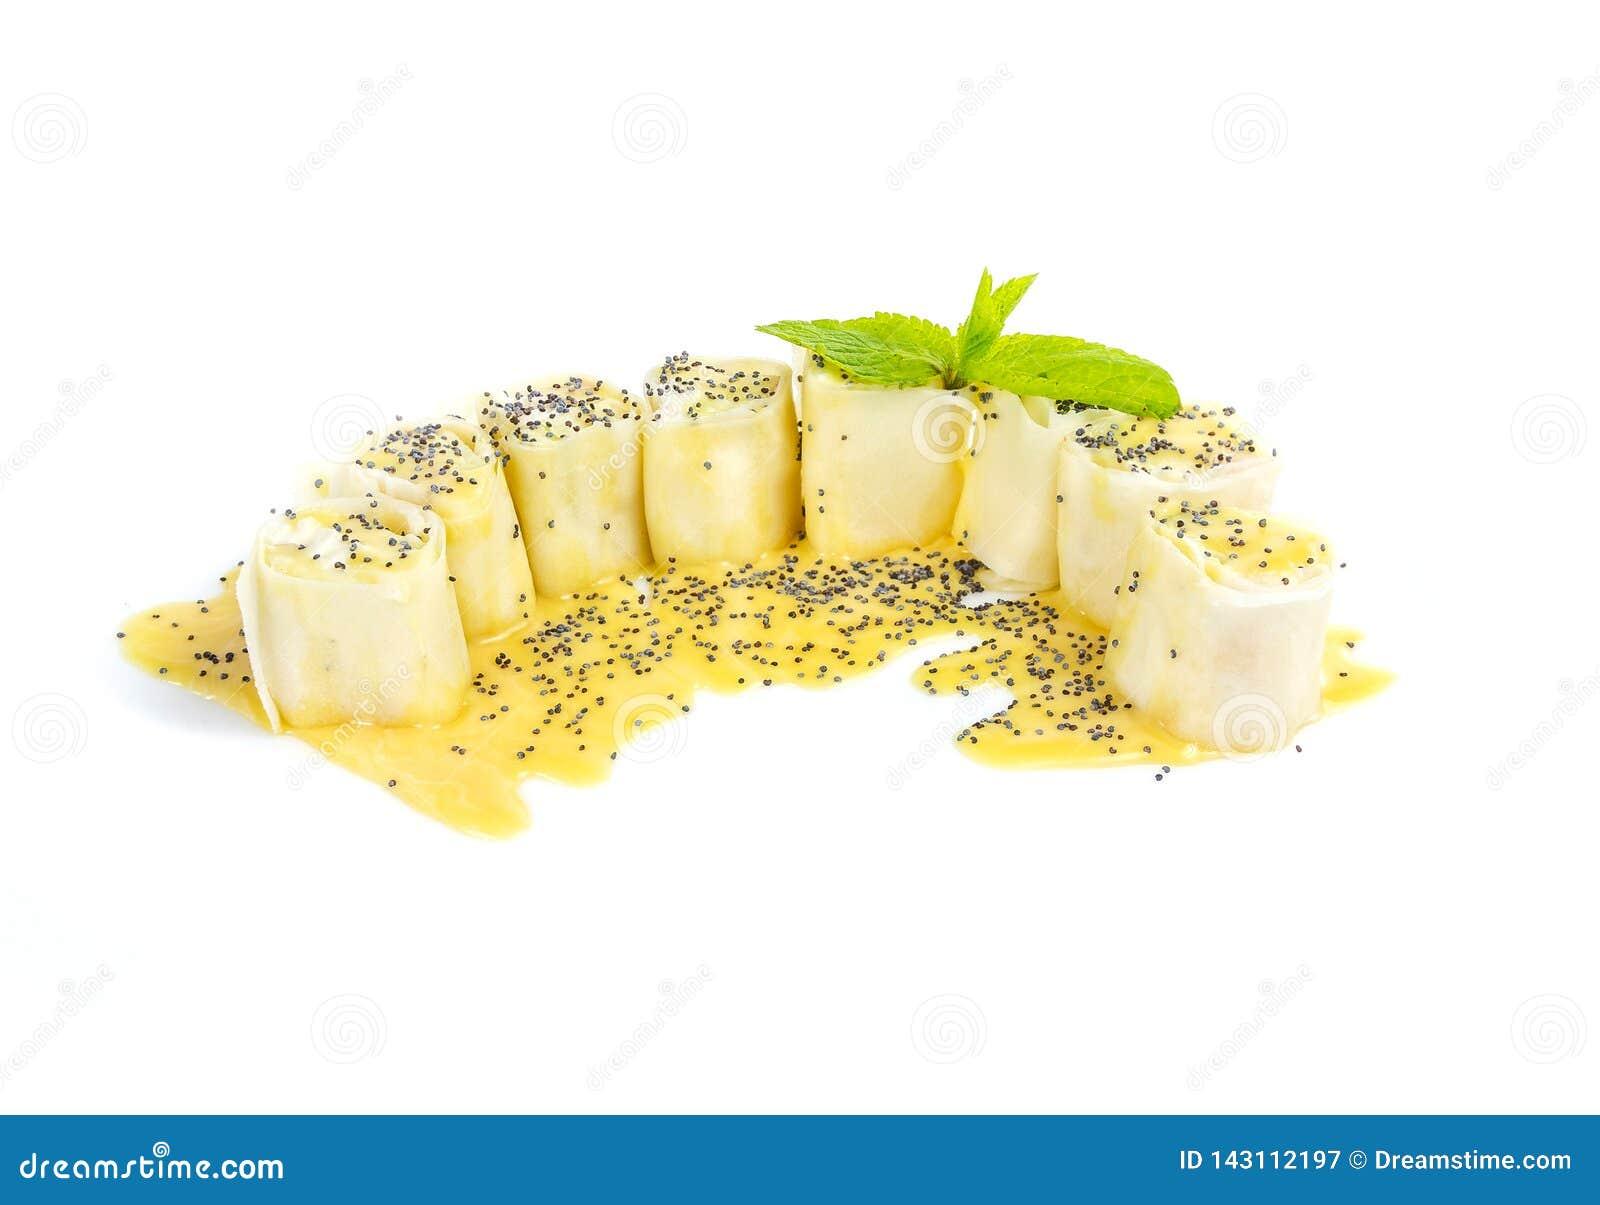 Acht stukken sushi zoals cakes met van de vanillebovenste laagje en papaver zaden die op witte achtergrond worden geïsoleerd